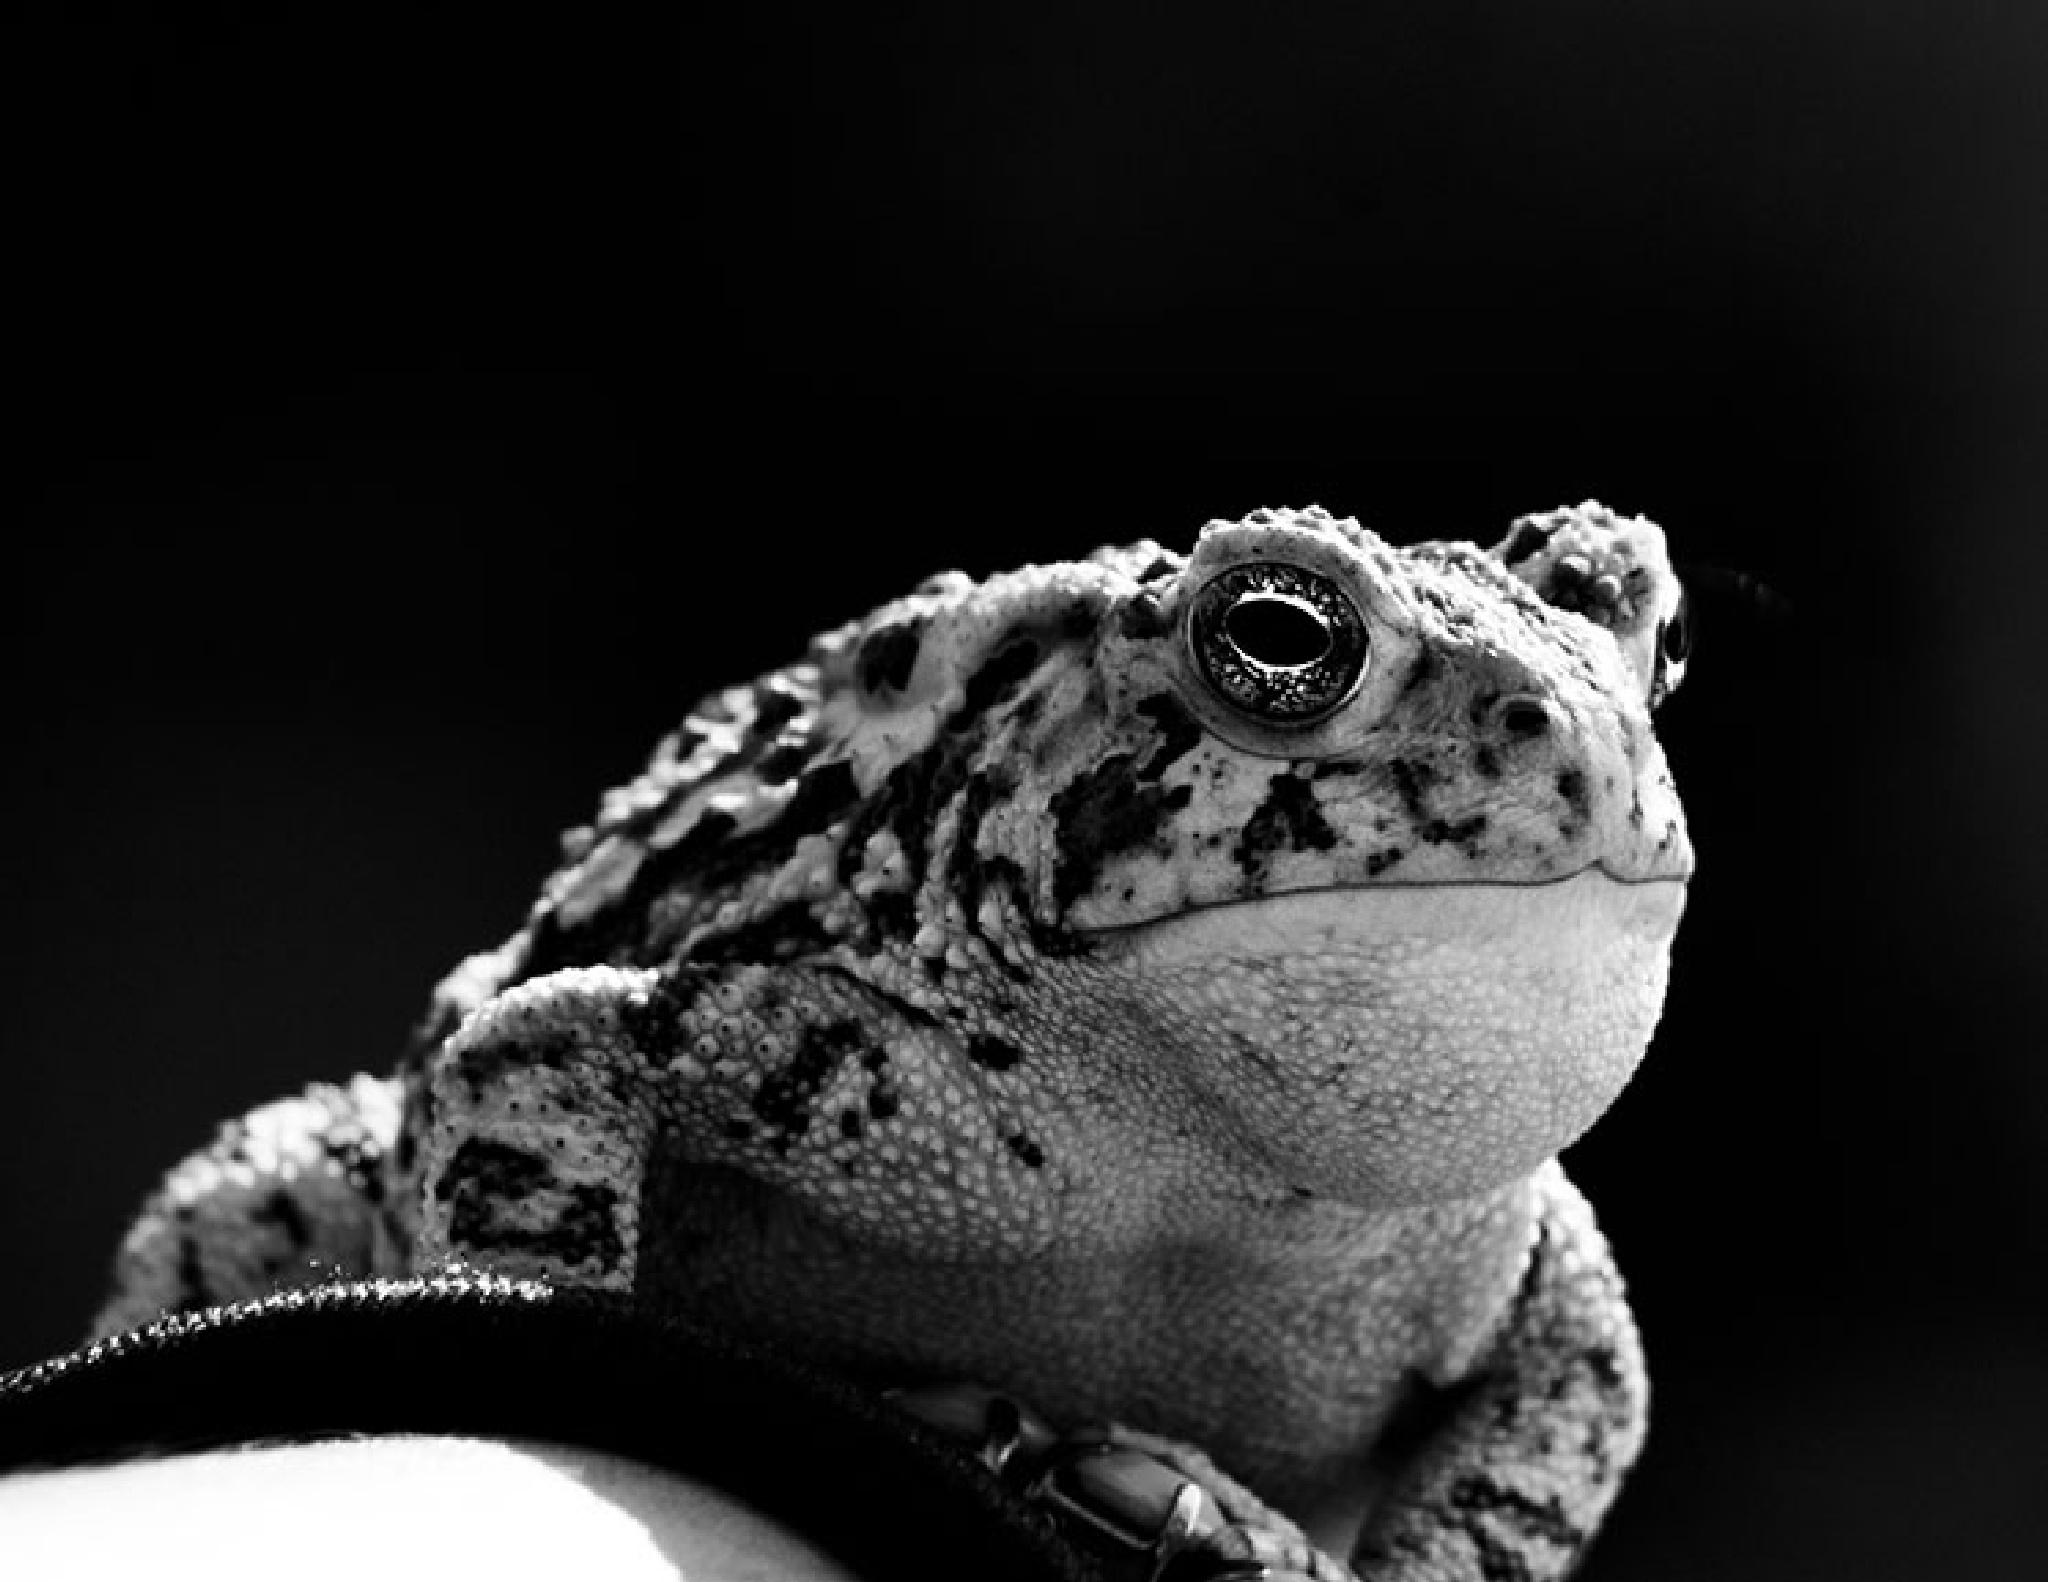 Mr. Frog by Ana Perez